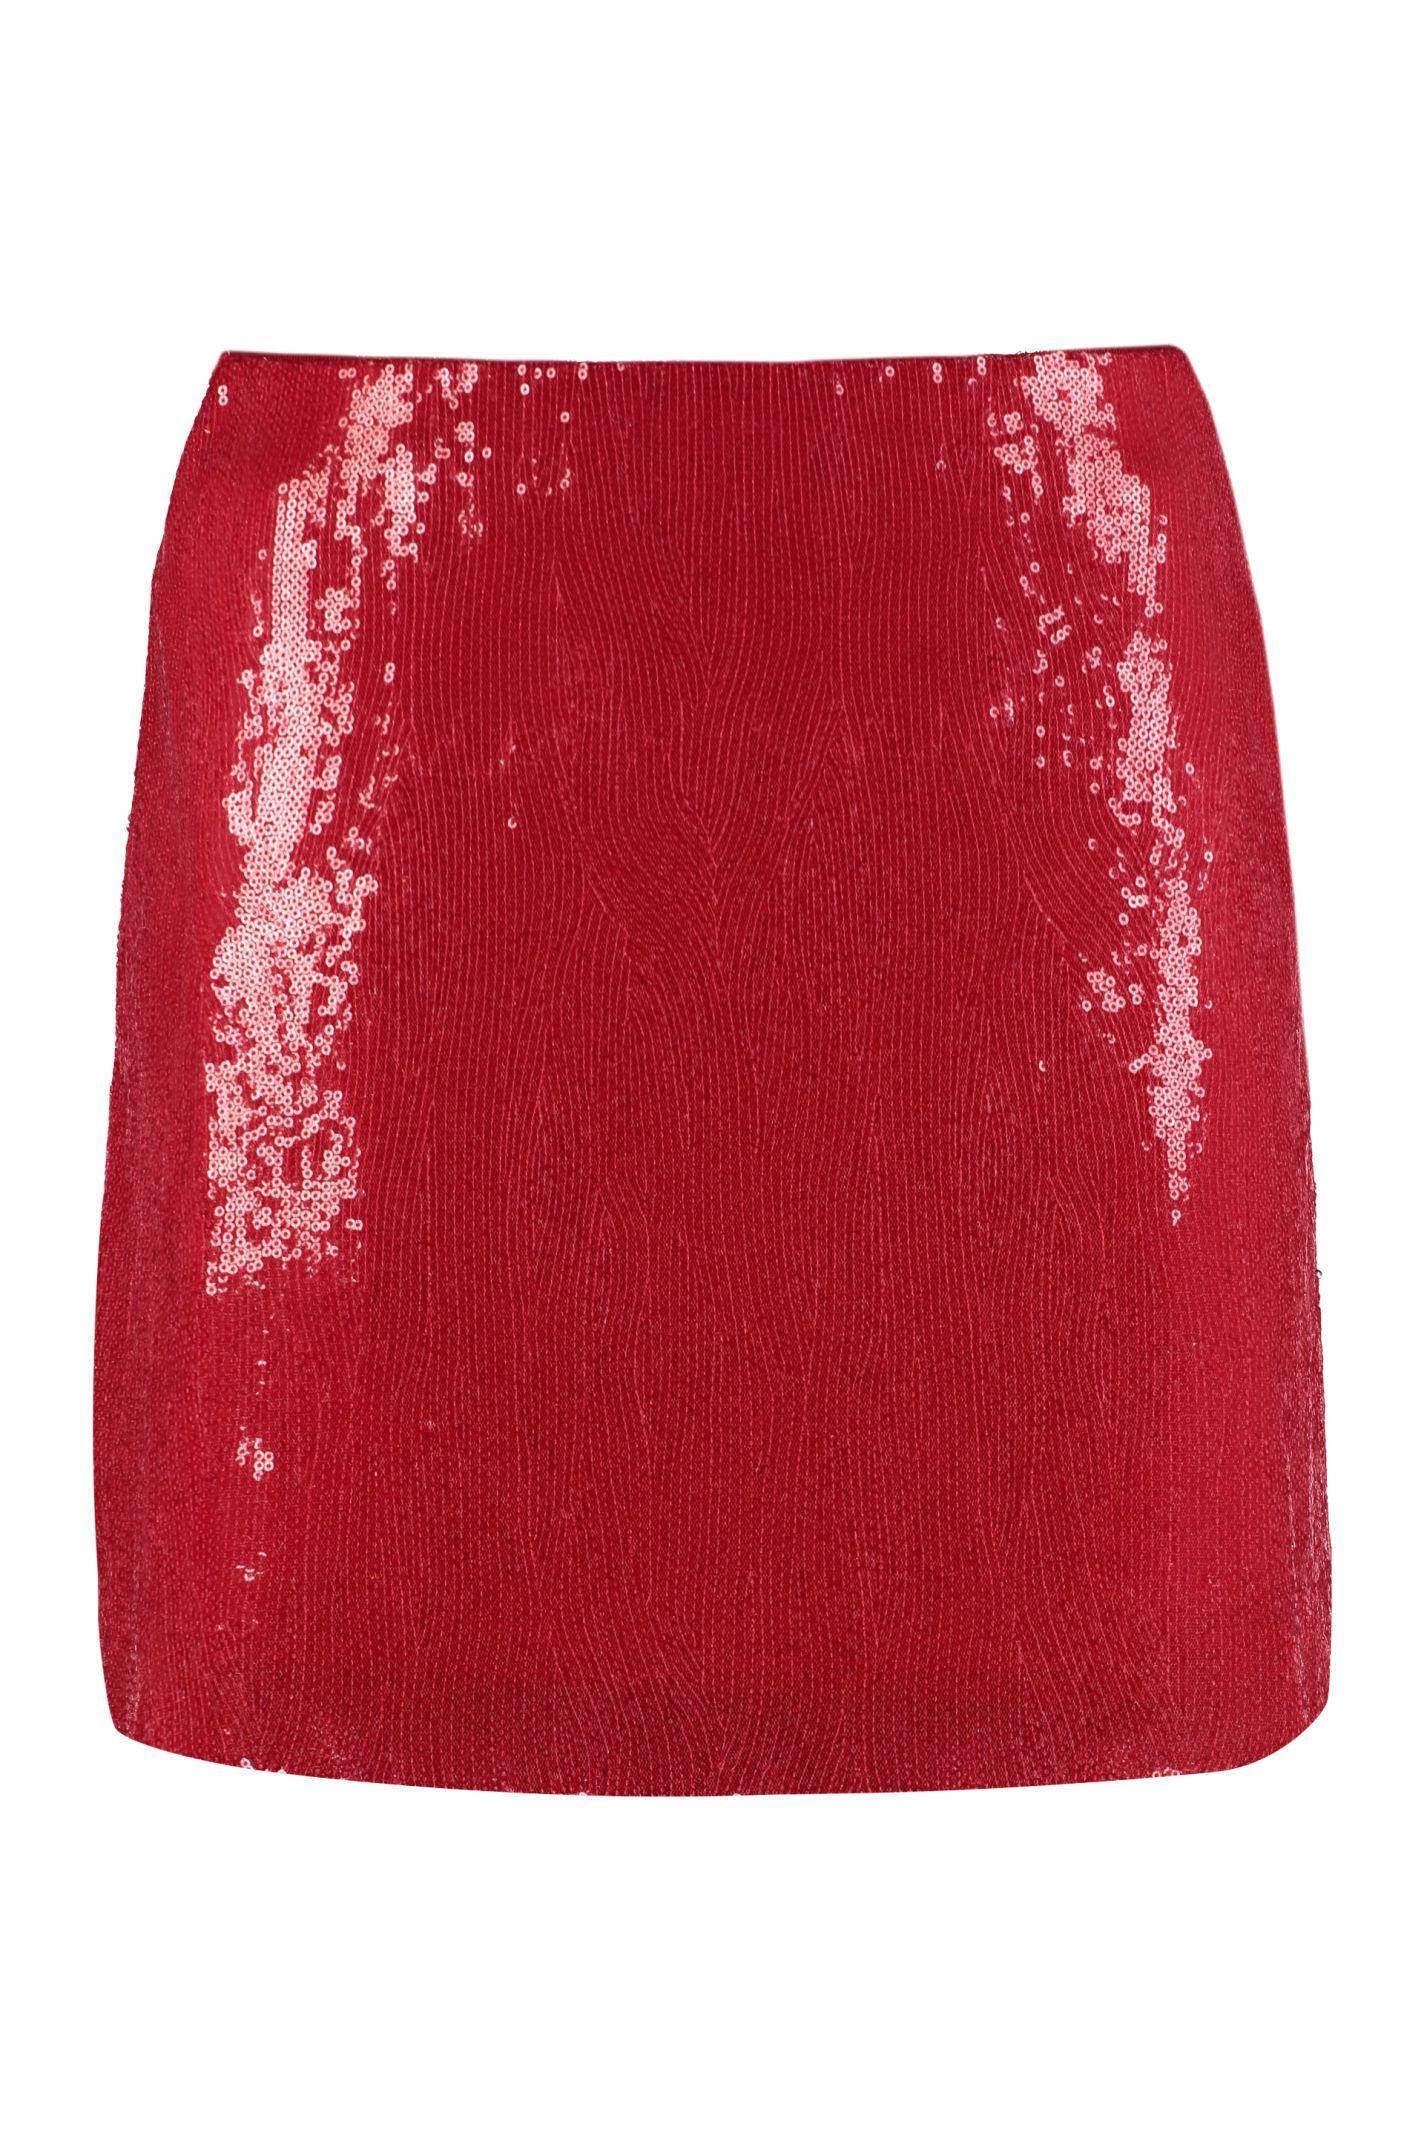 1508f9fa4d Alberta Ferretti Alberta Ferretti Sequins Mini Skirt - red ...